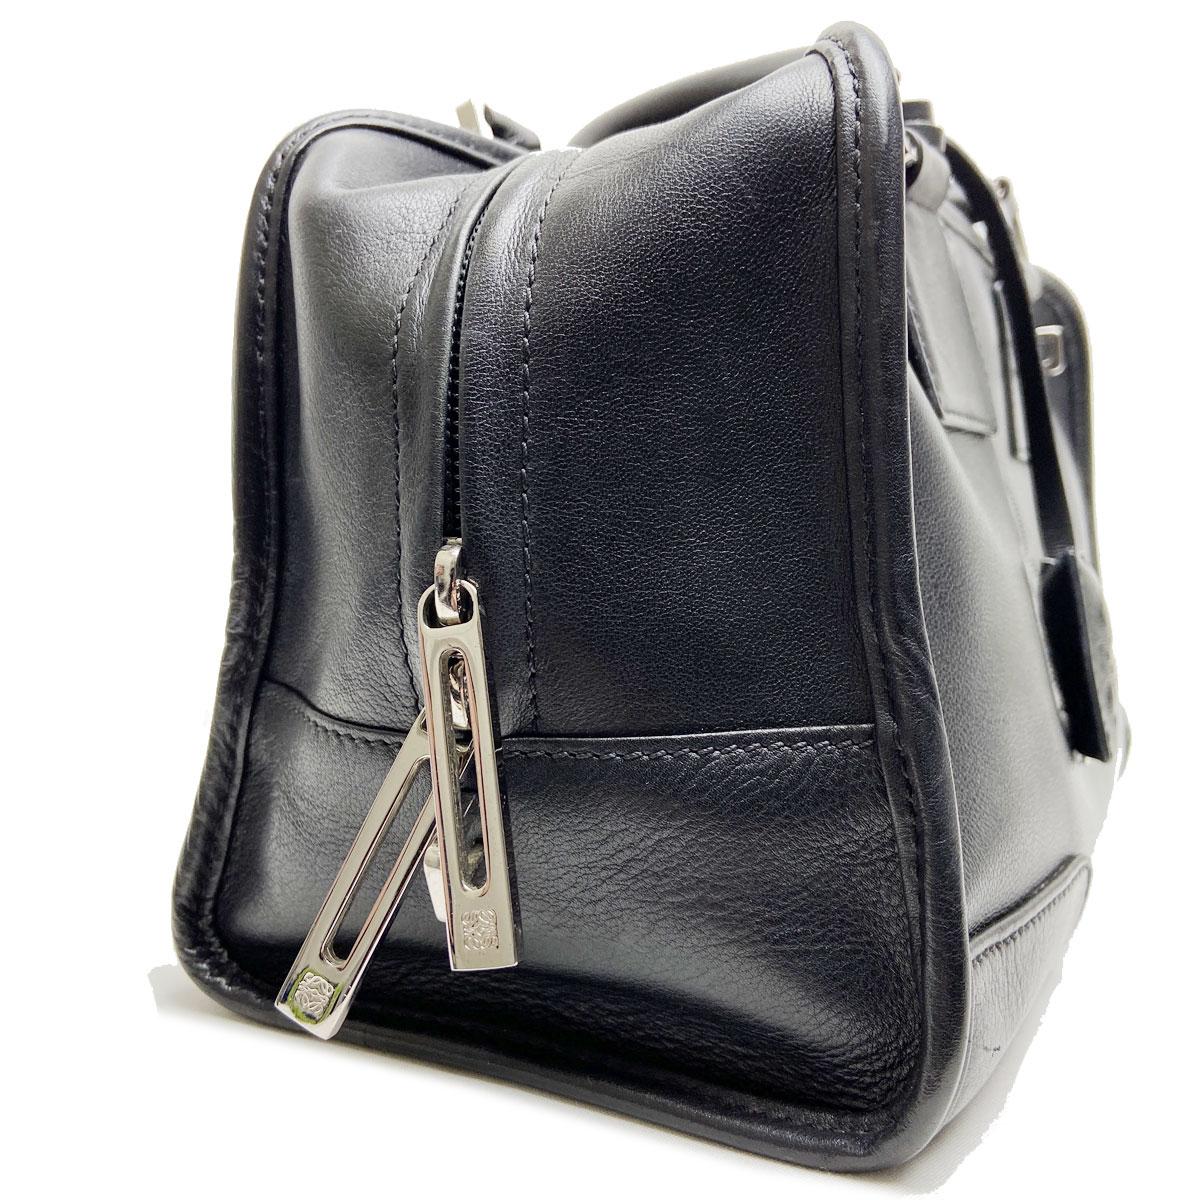 LOEWE ロエベ ハンドバッグ アマソナ29 レザー ブラック シルバー金具